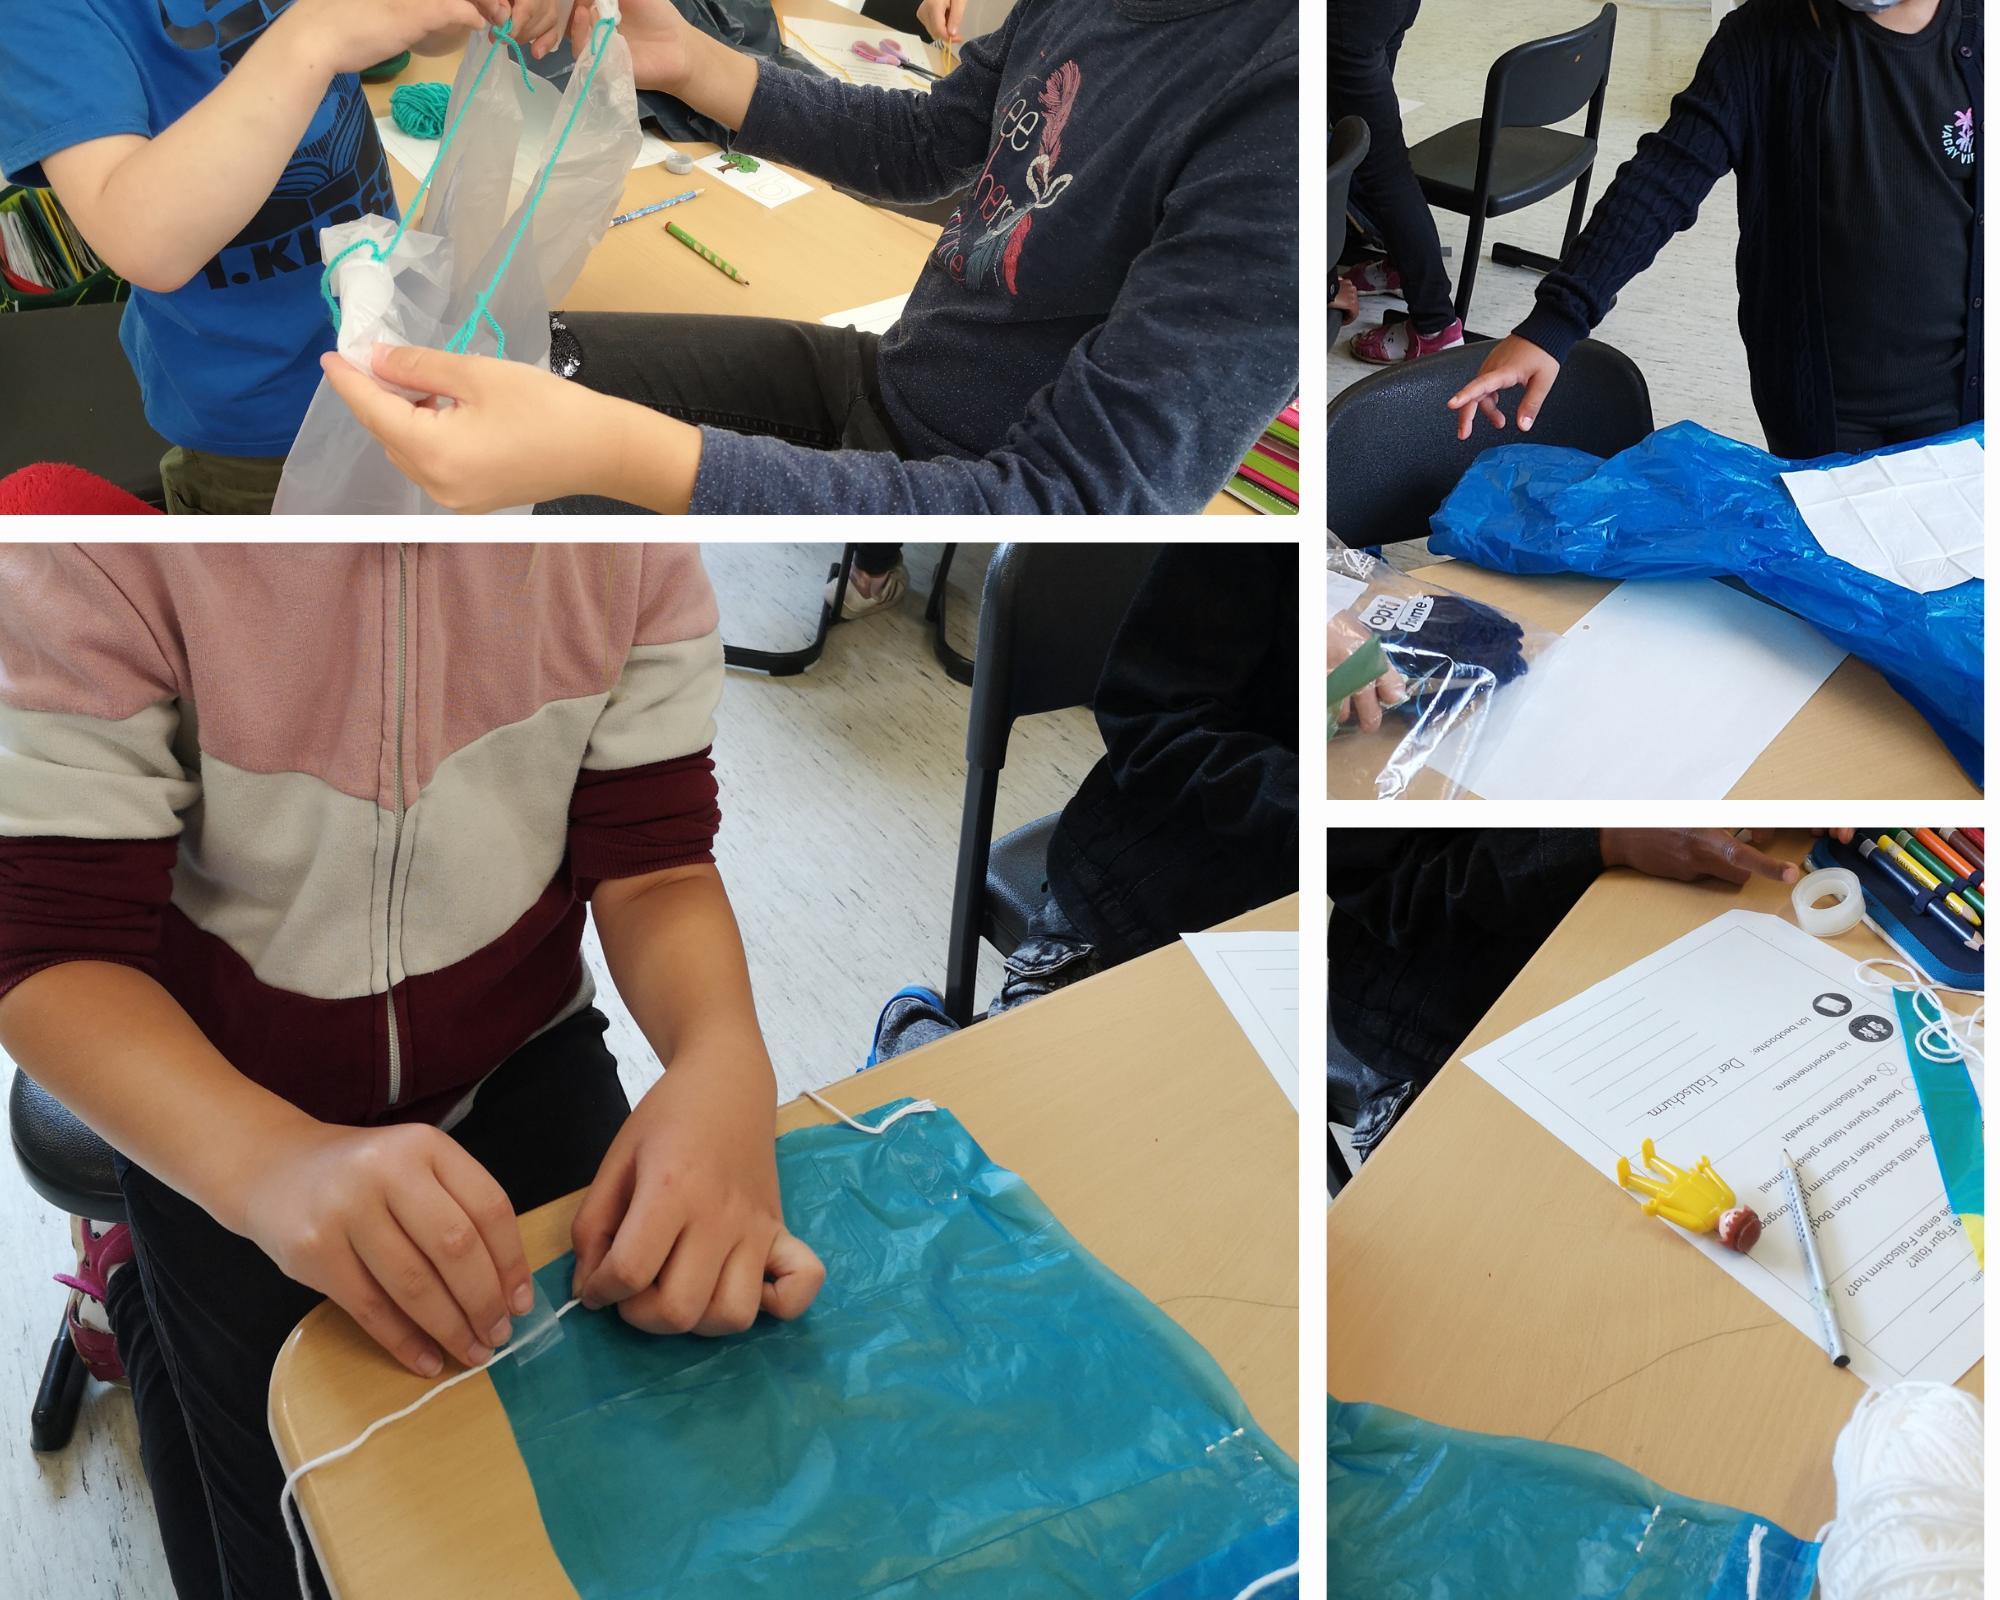 Wir bauen Fallschirme und entdecken dabei Eigenschaften von Luft.